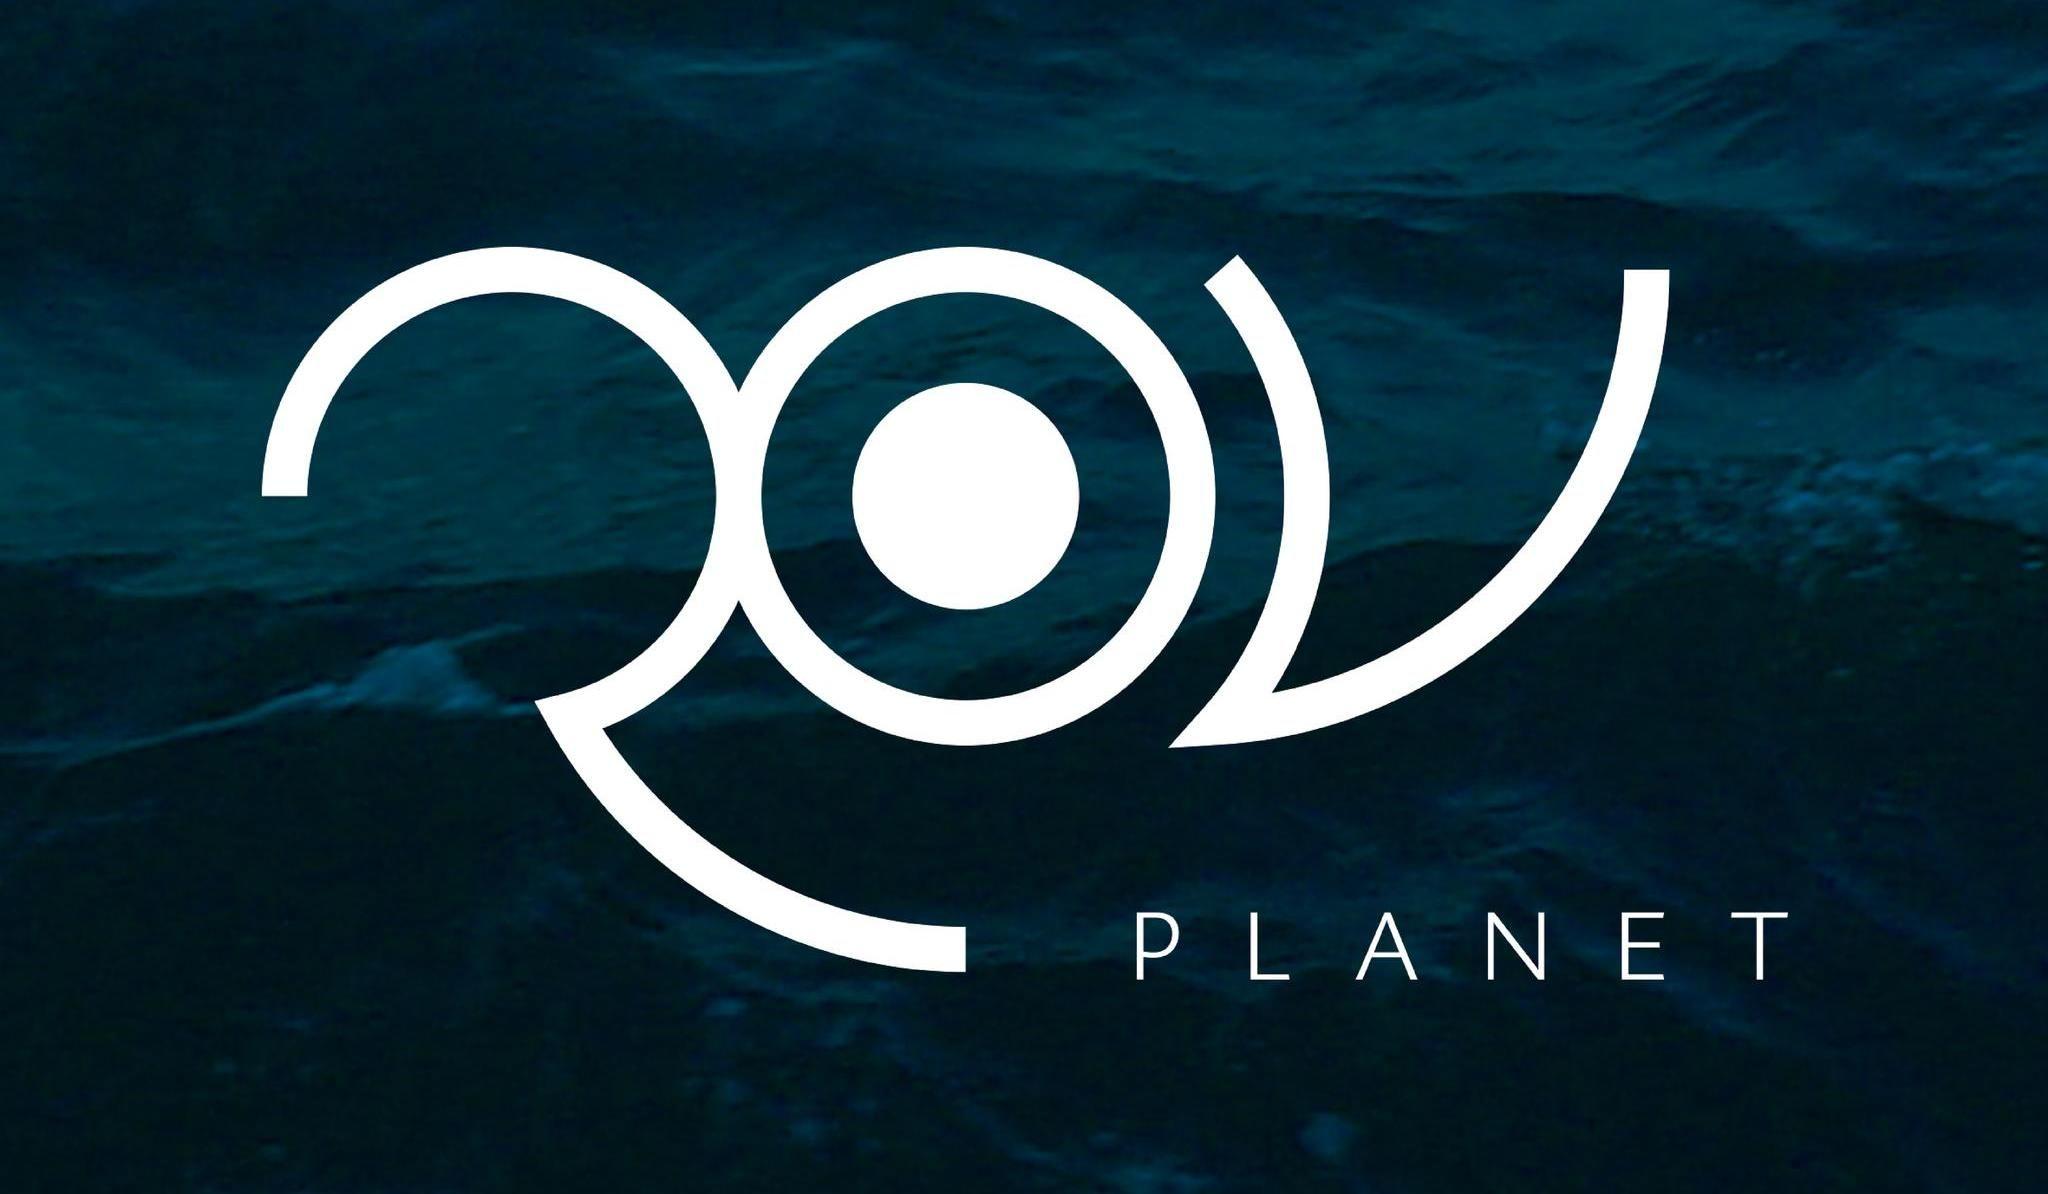 rovplanet_logo